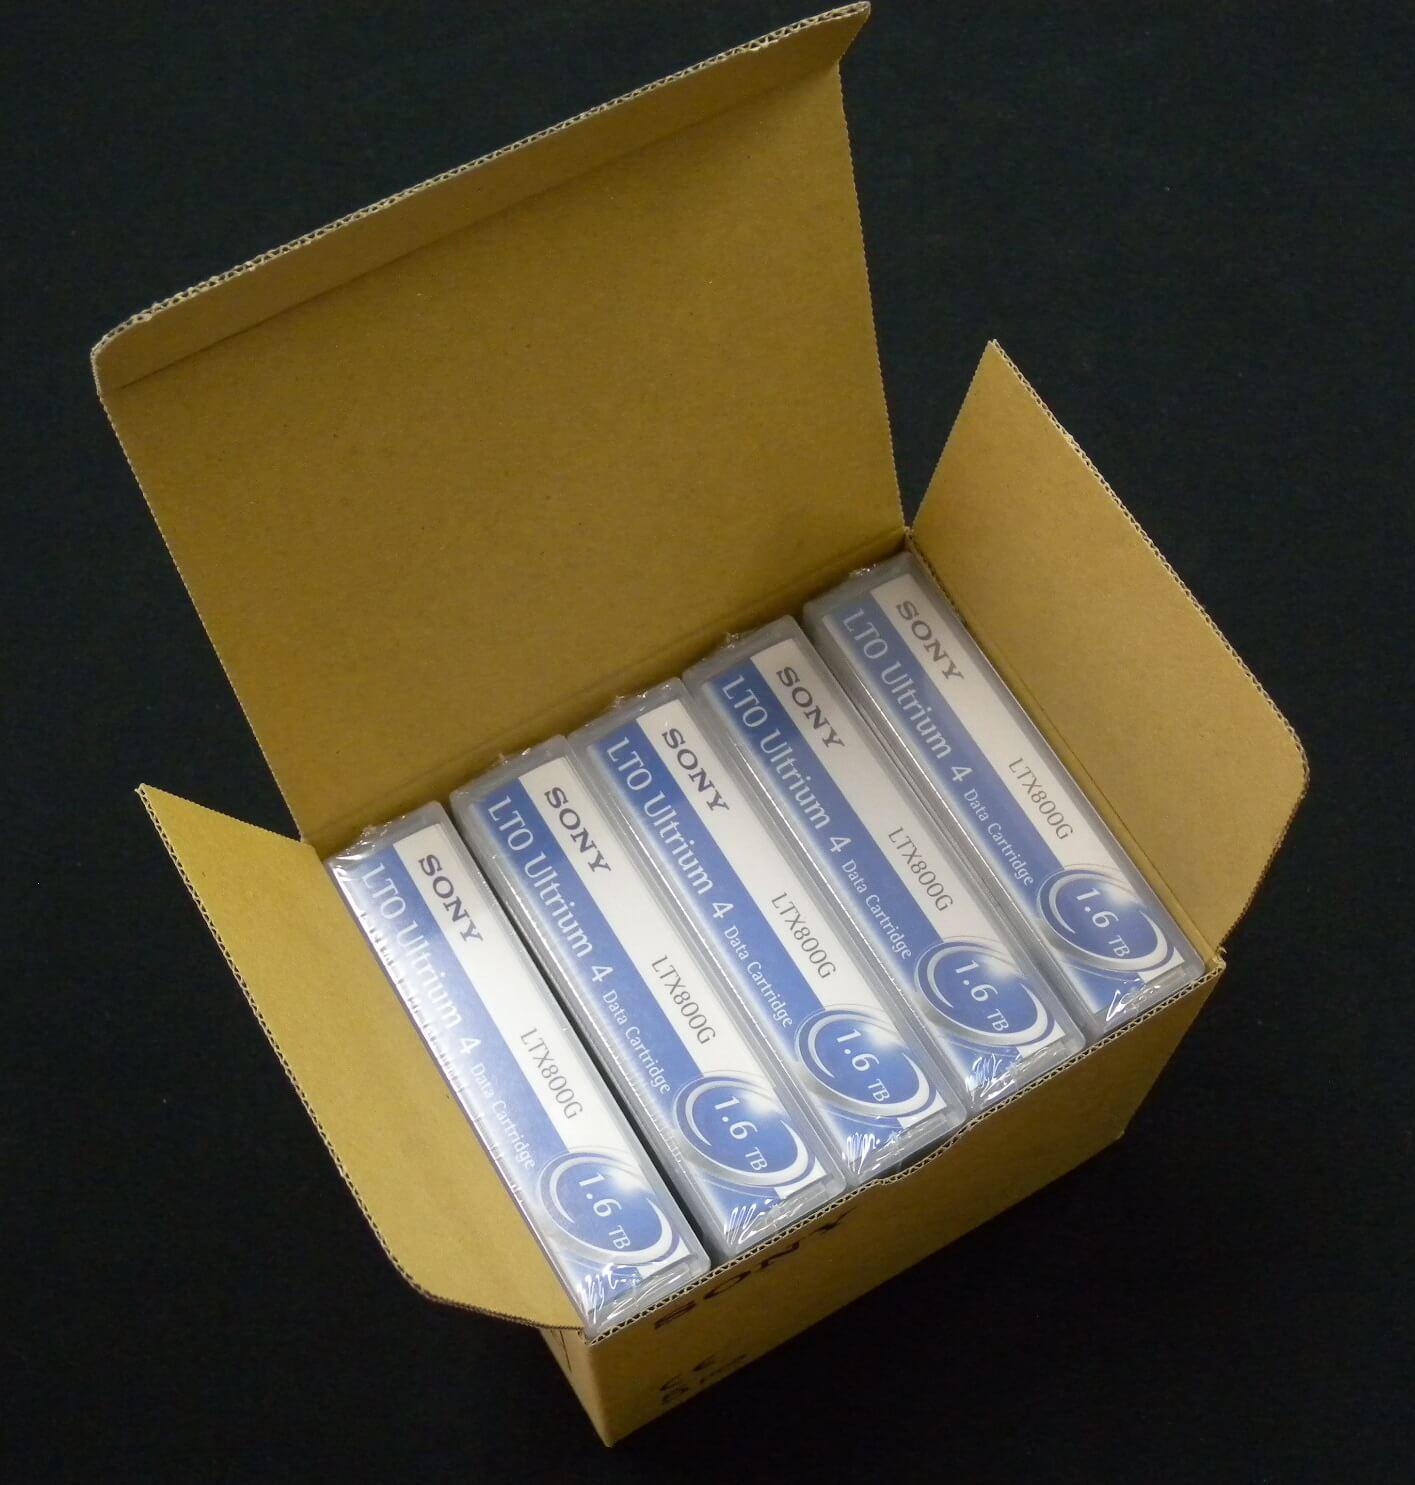 送料無料,ソニー,LTX800GR,5本セット,新品,データカートリッジ,LTO,Ultrium,4,Data,Cartridge,SONY